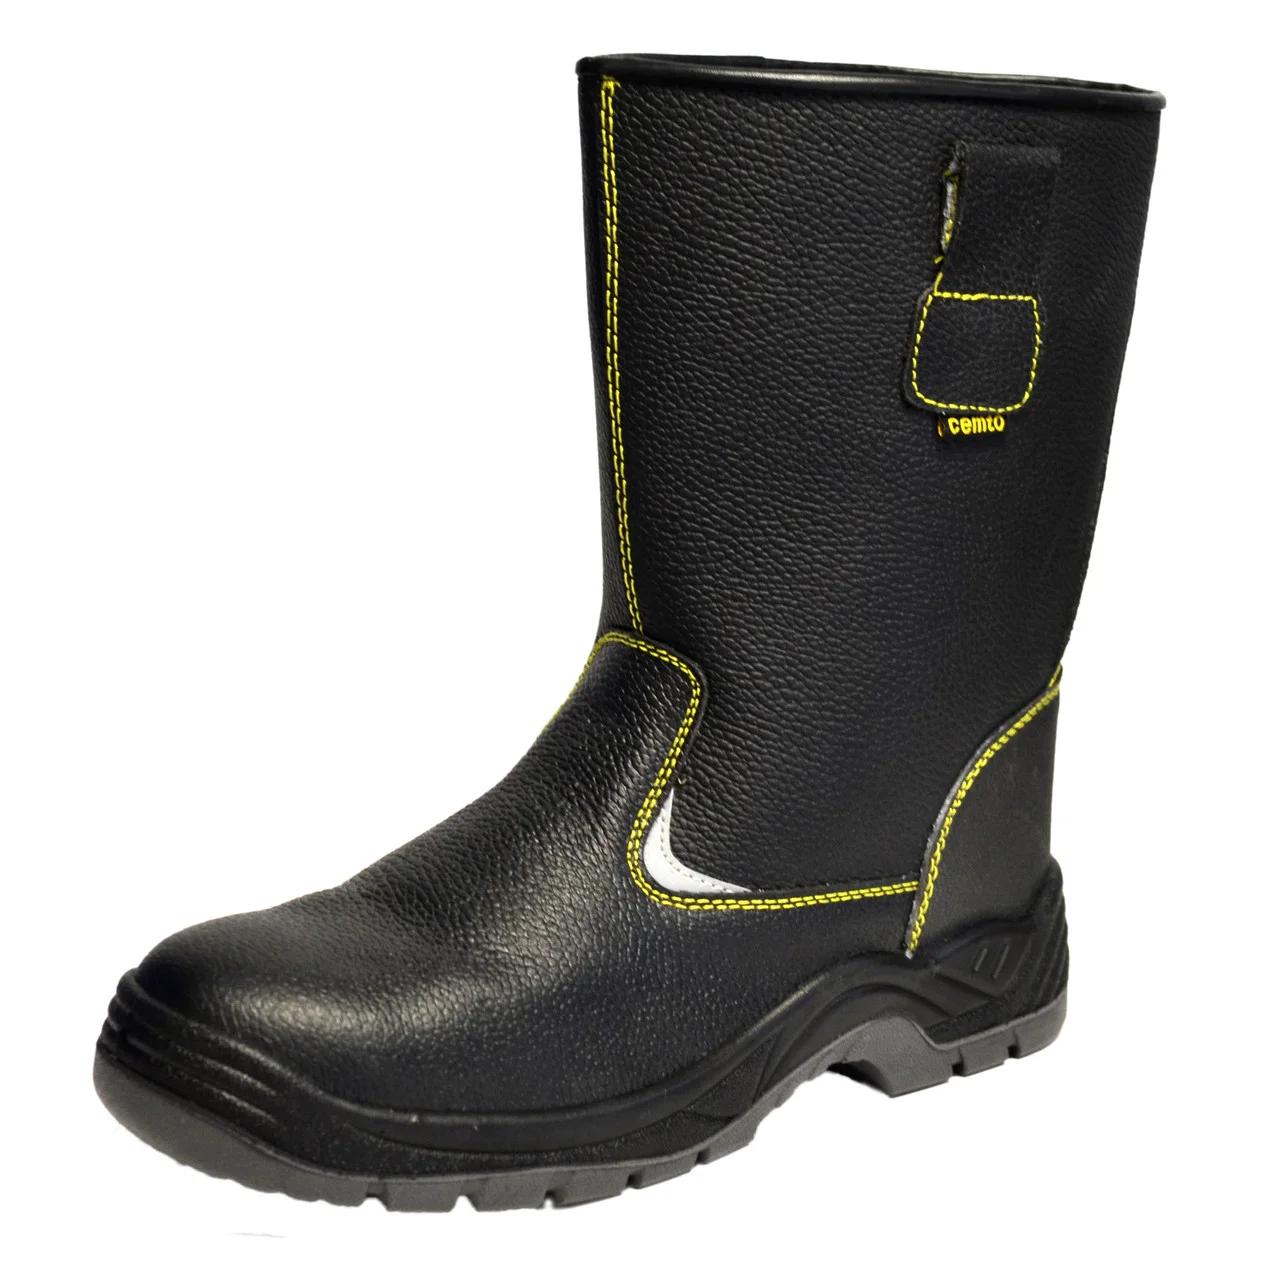 """Рабочие сапоги, 41 р., с металлическим носком TM """"CEMTO"""" Forest - M (арт. 80141)"""